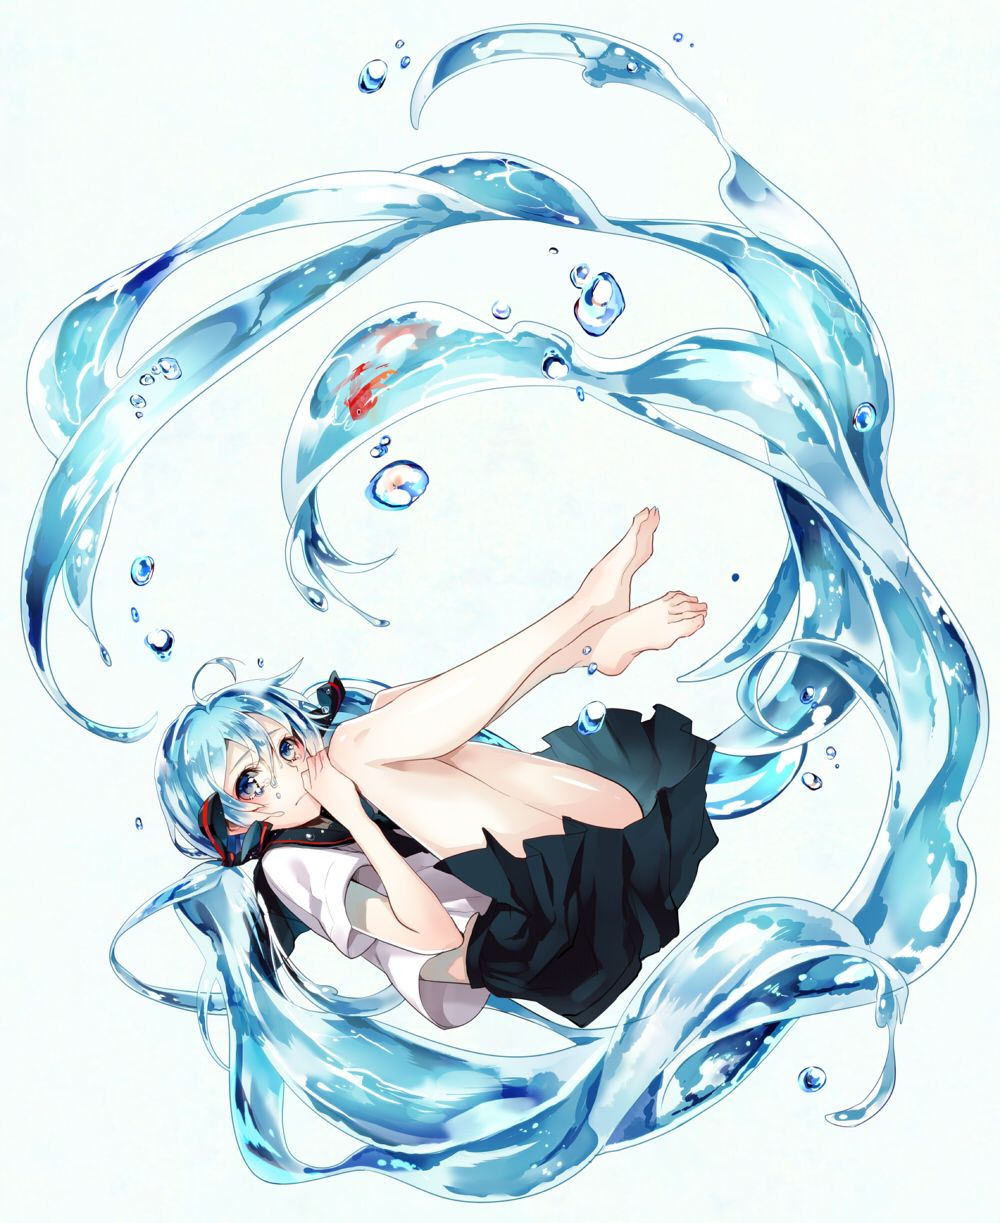 水へ / Artist: http://www.pixiv.net/member.php?id=1752240